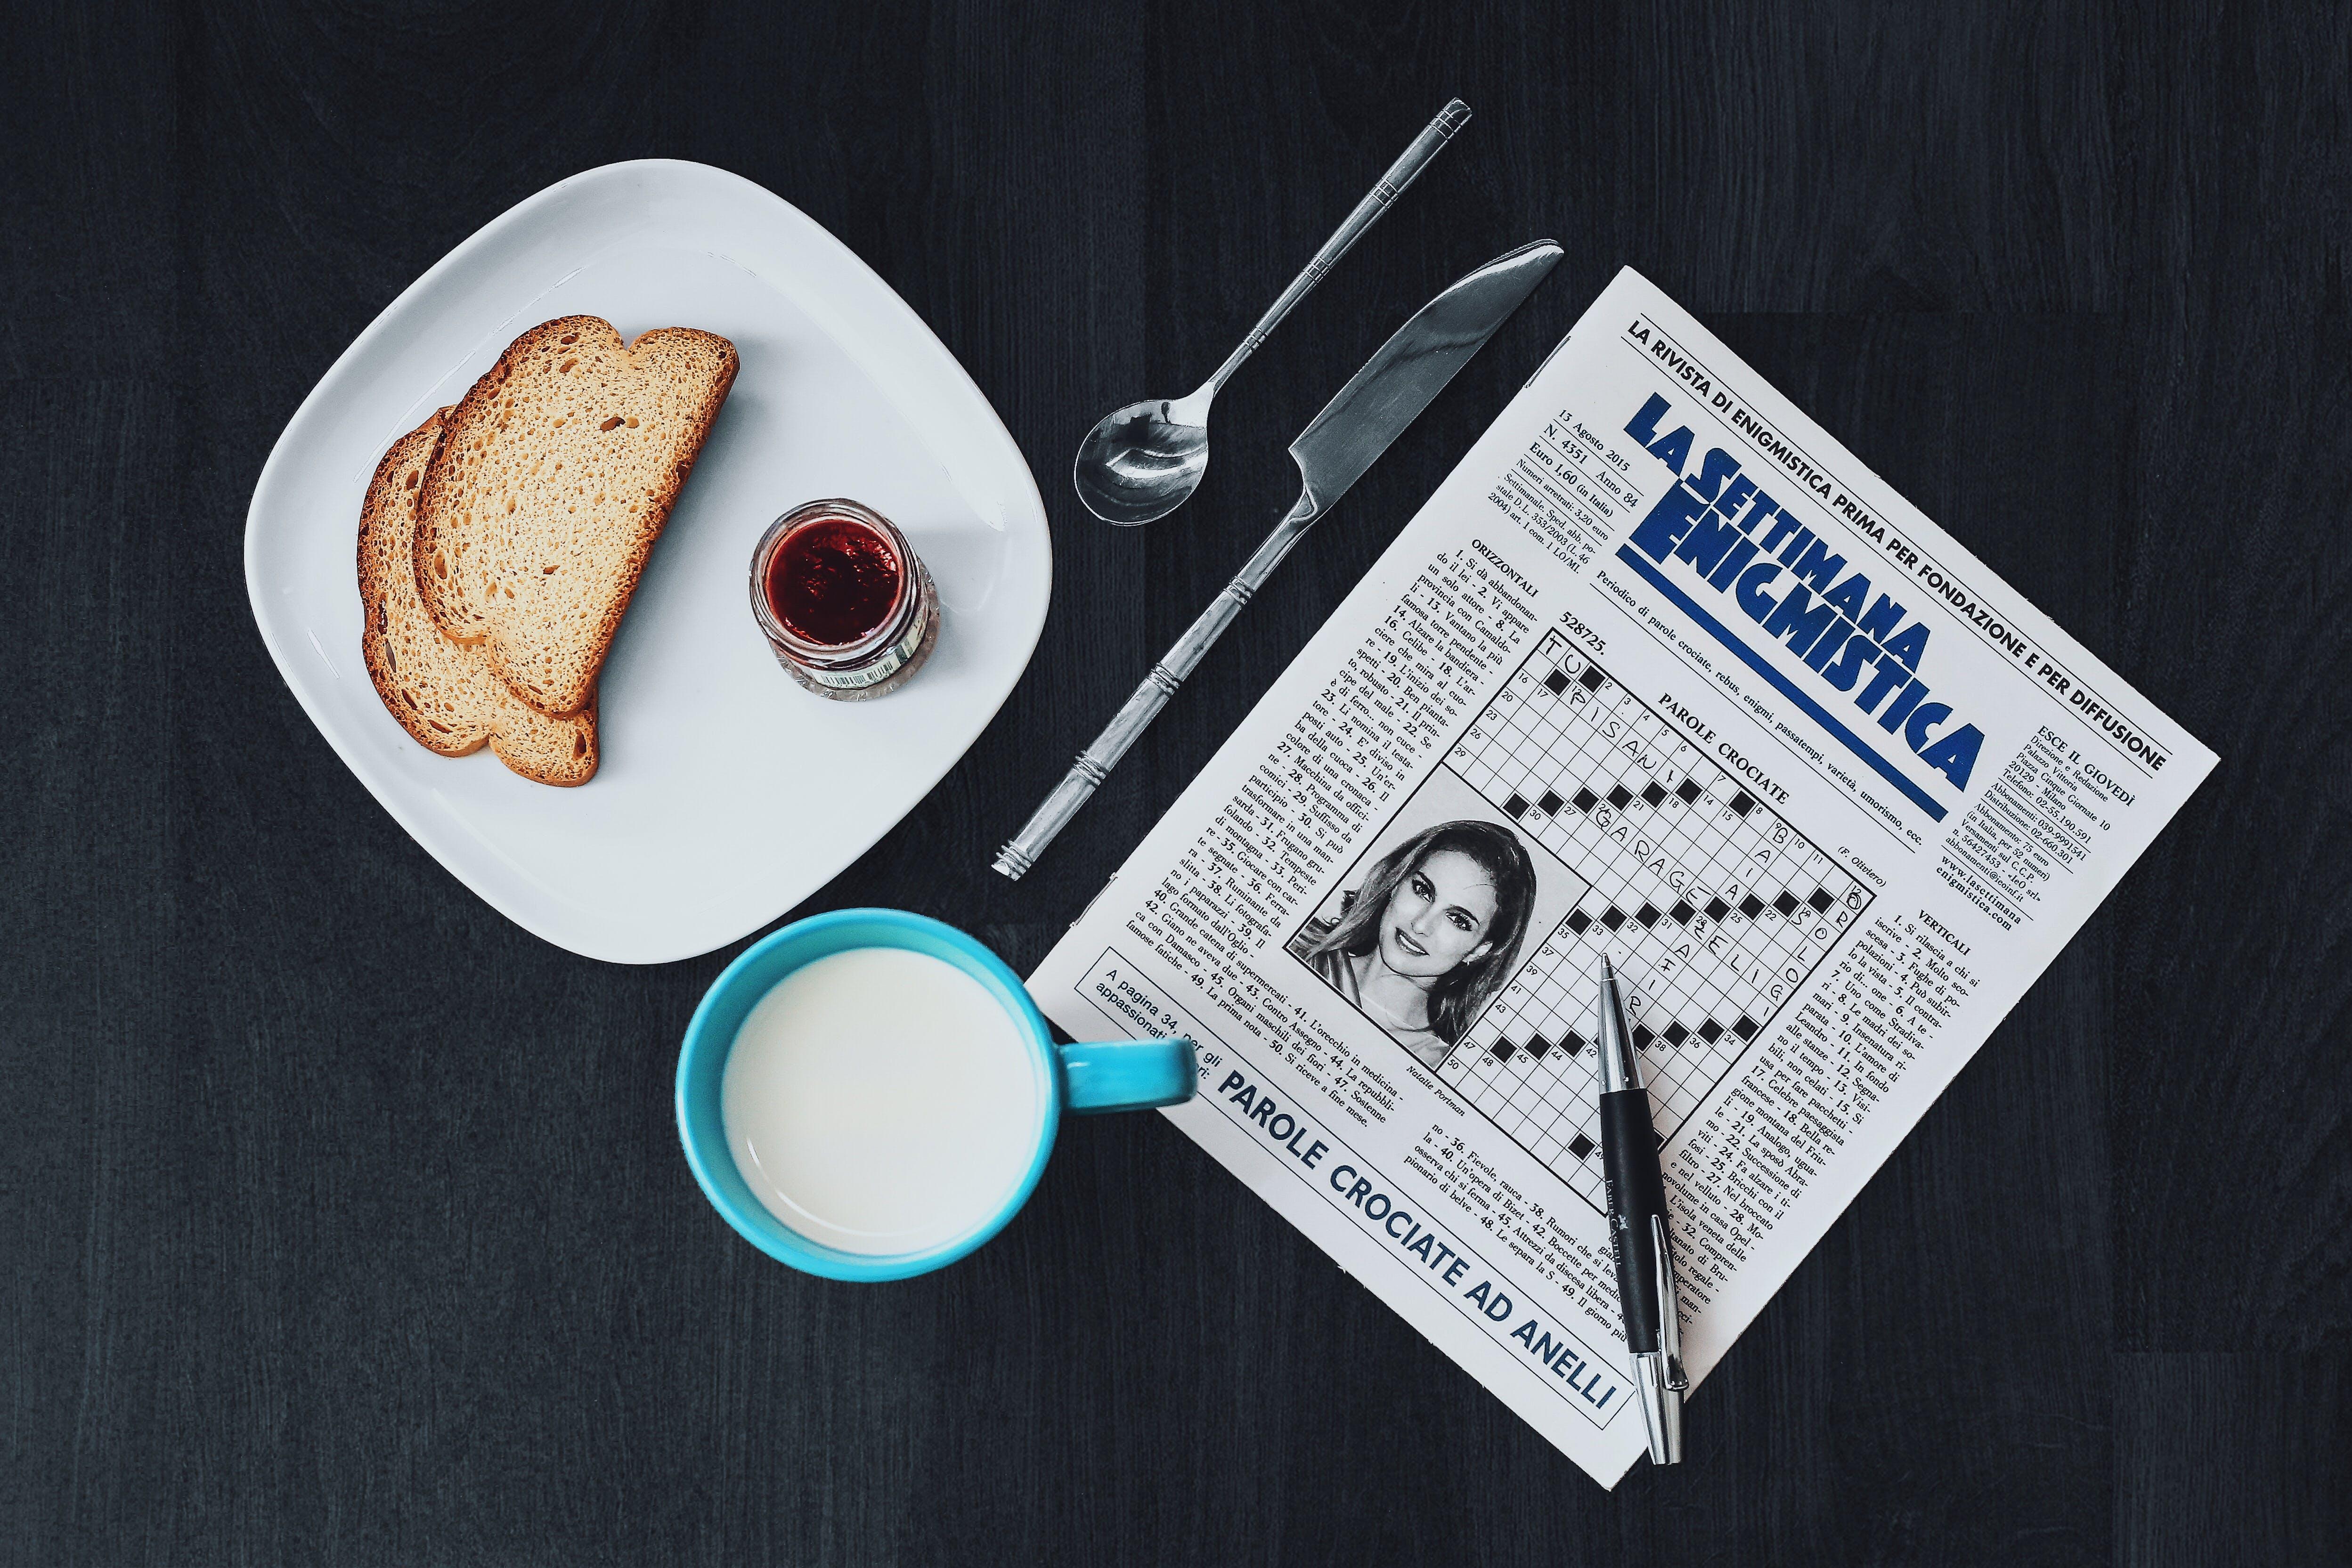 La Settimana Enigmistica News Paper